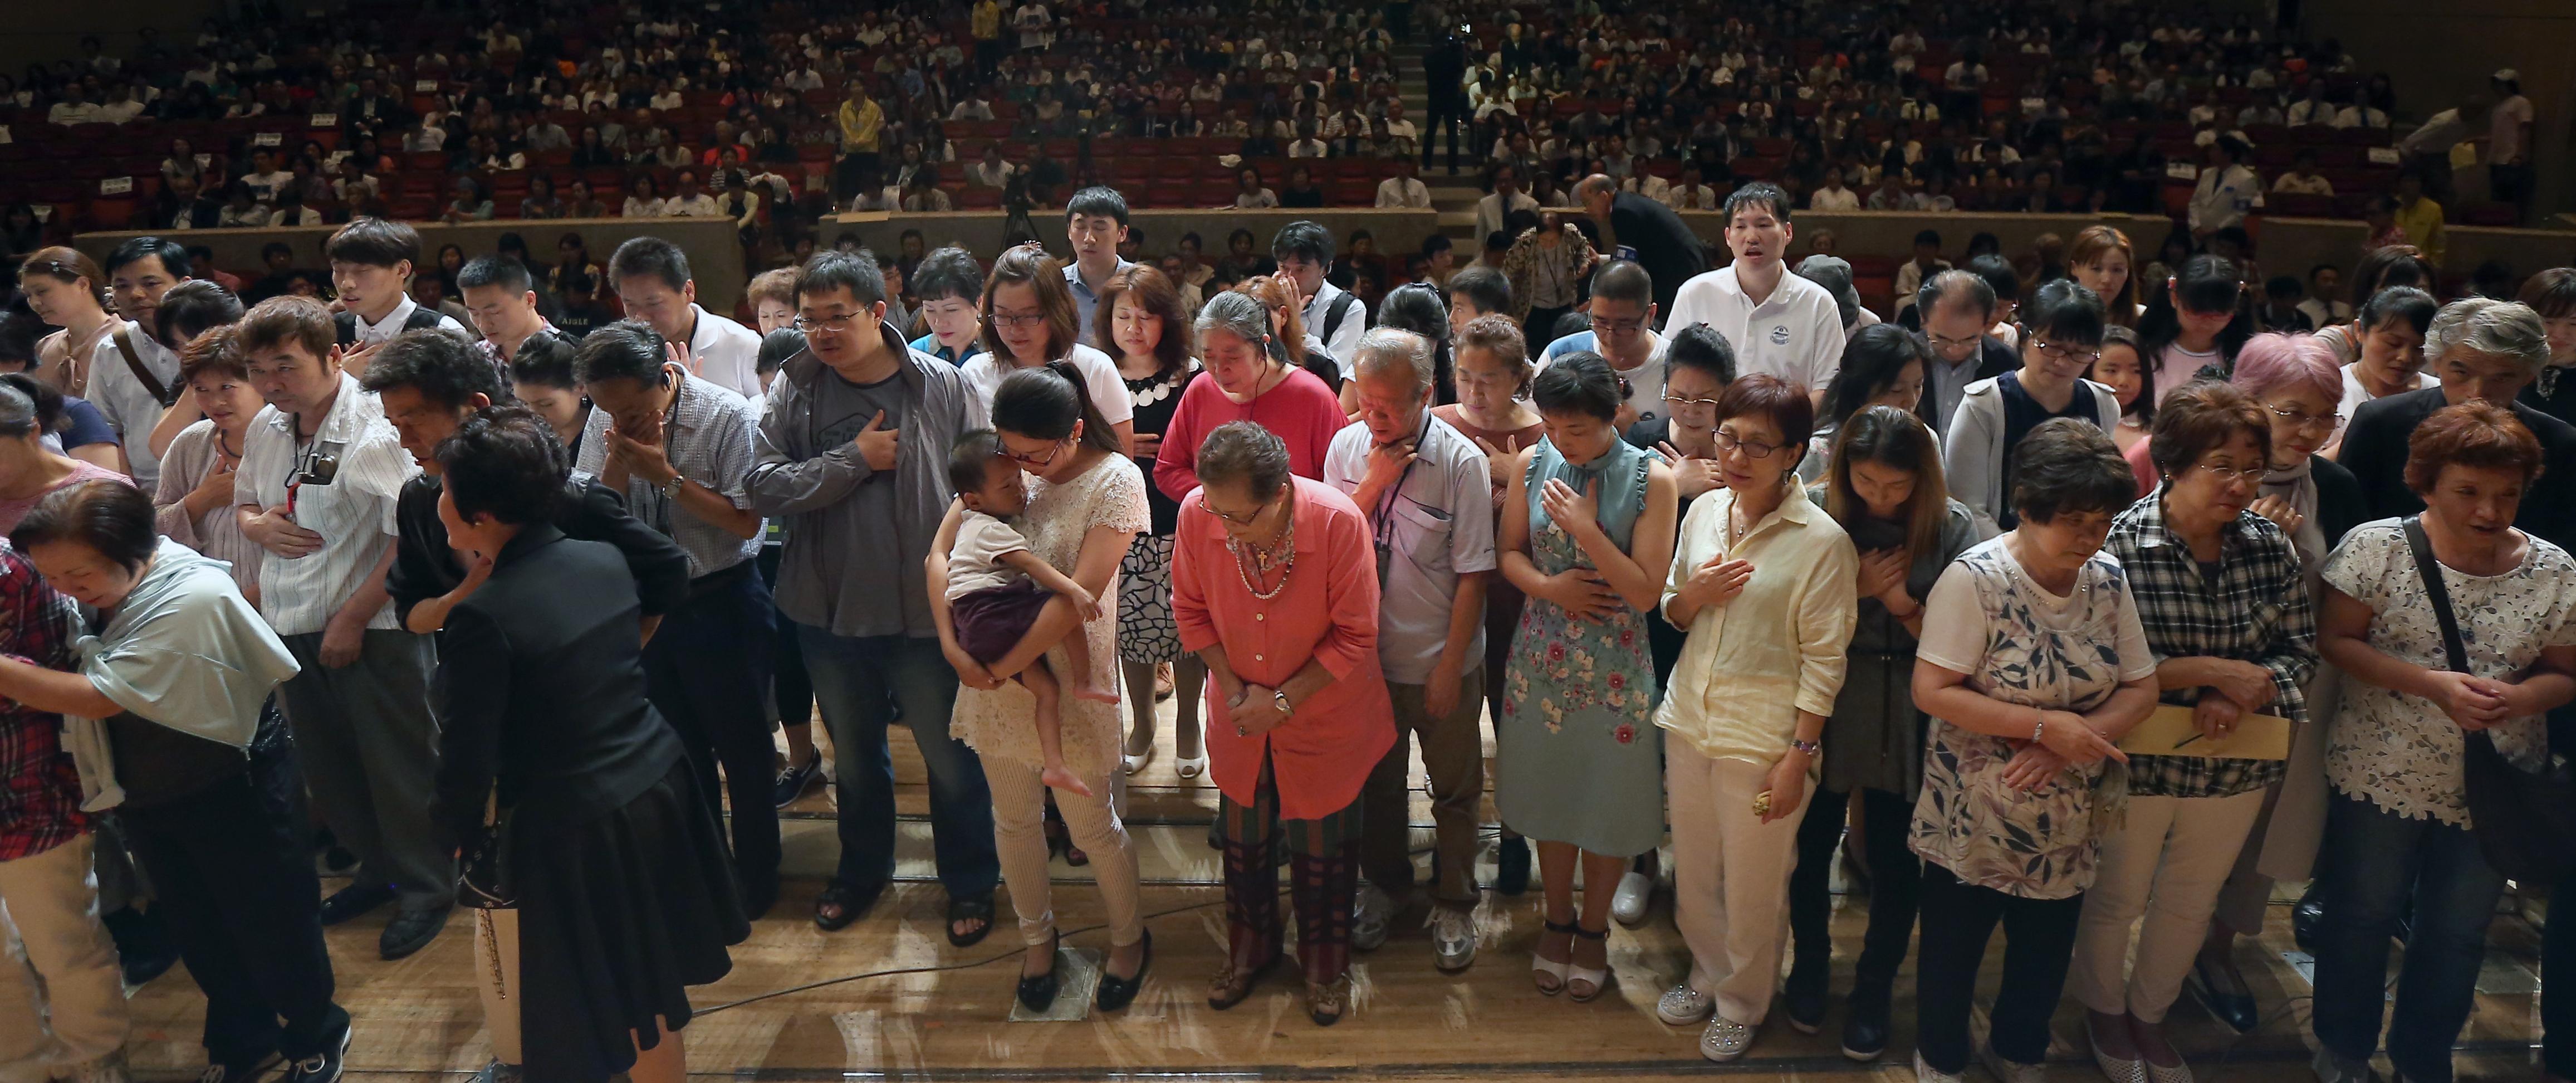 決心の祈りの招きに応じて講壇に上がった人々